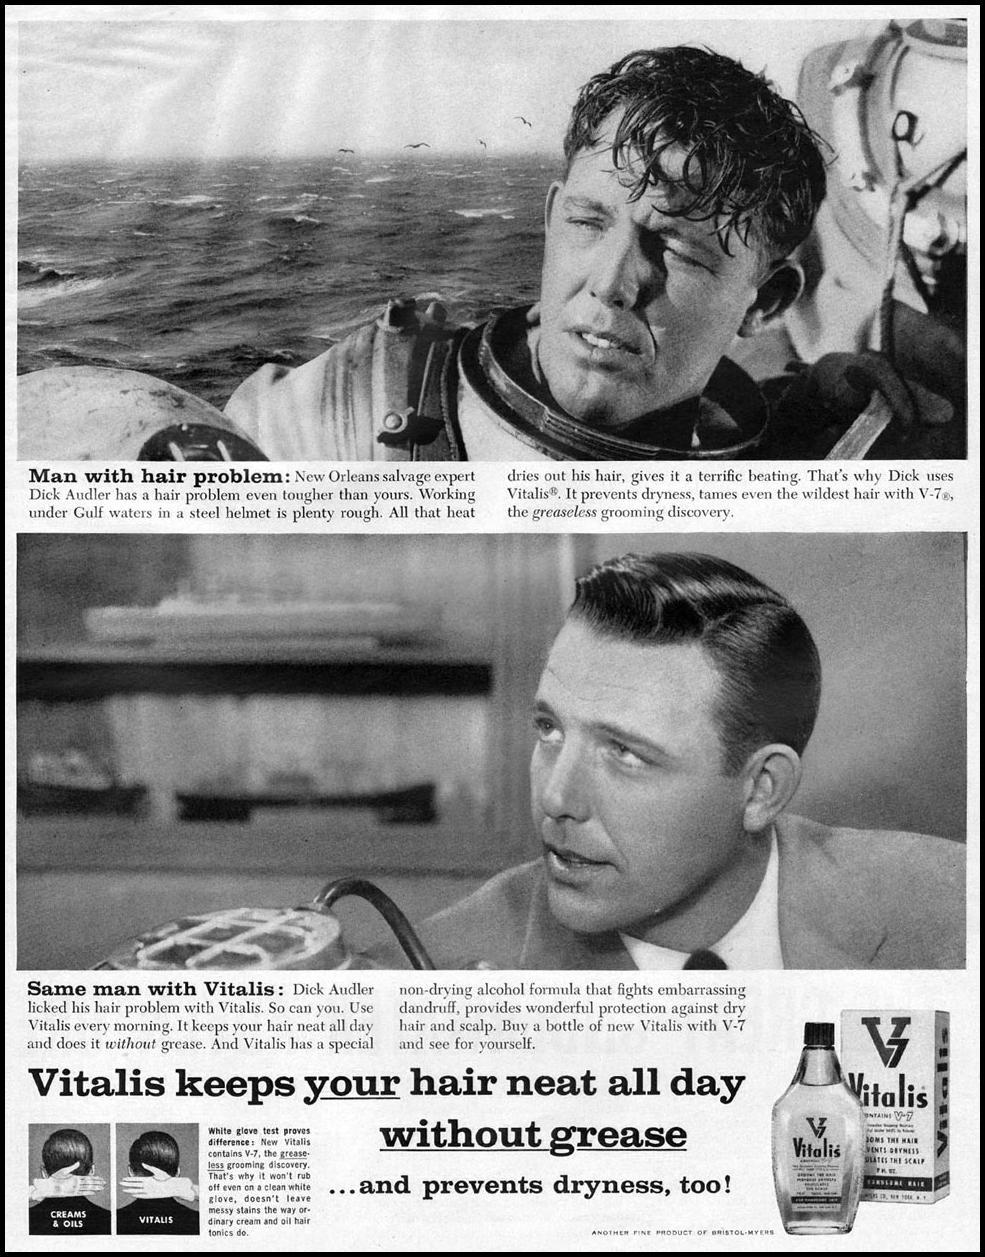 VITALIS HAIR TONIC LIFE 11/24/1957 p. 135